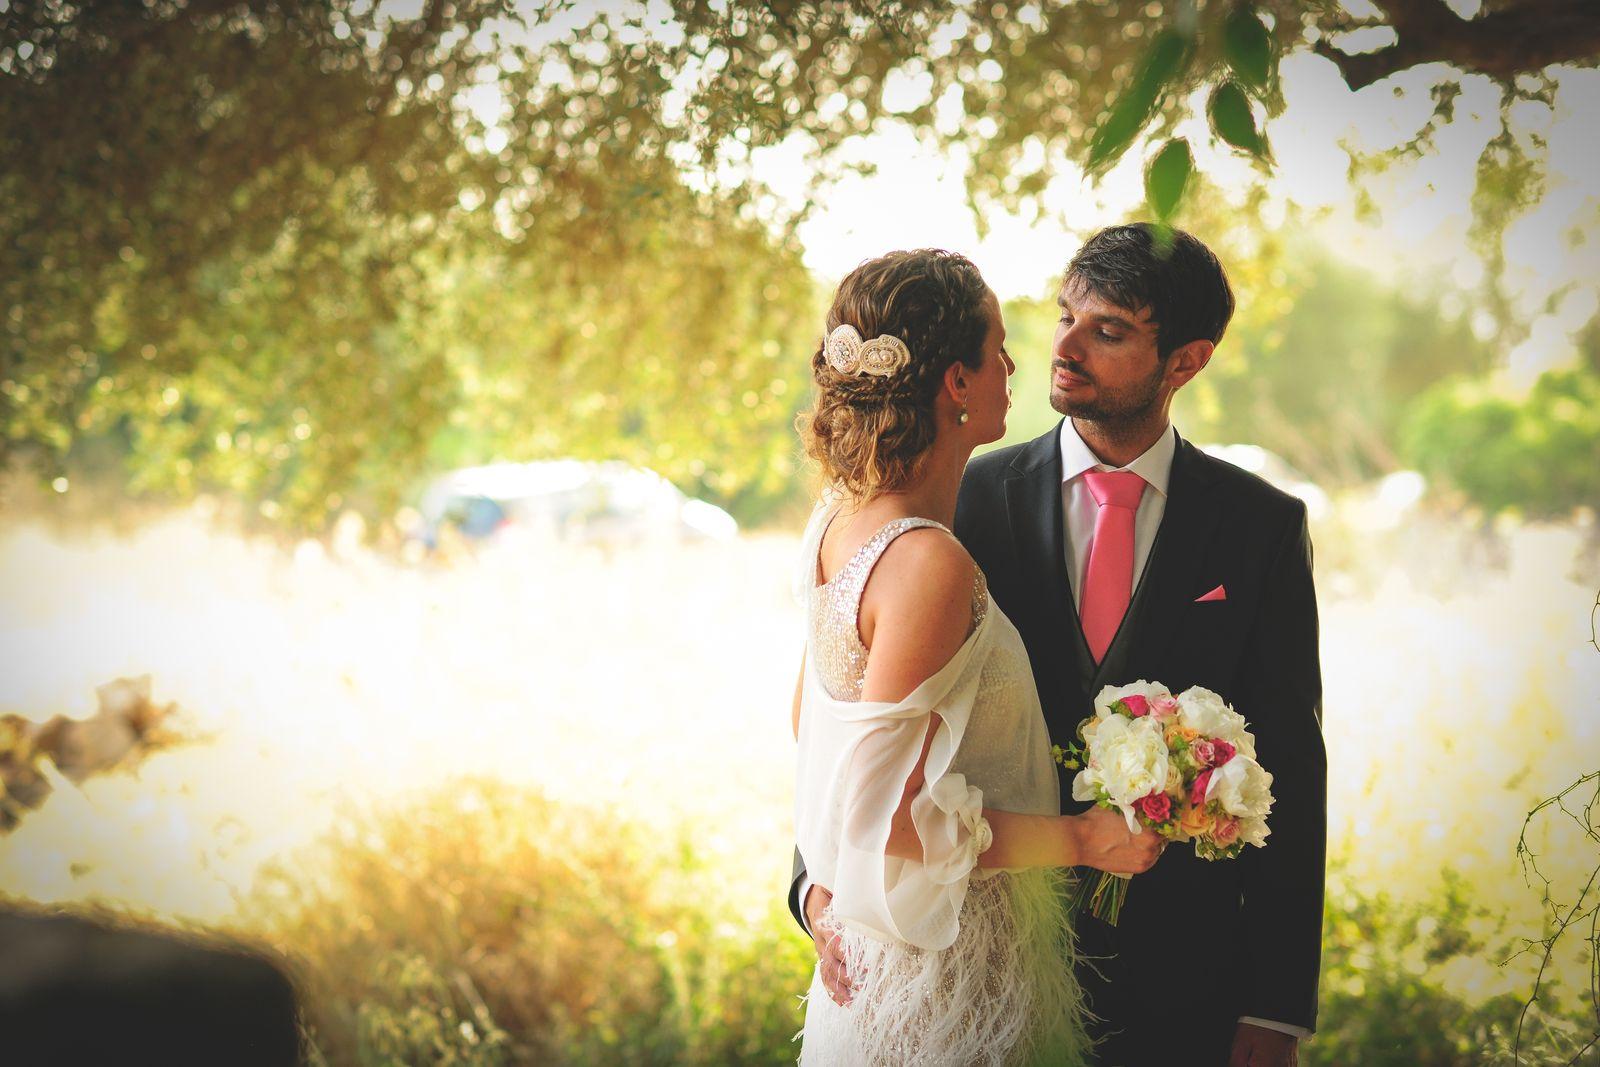 fotografo bodas mallorca 036.jpg